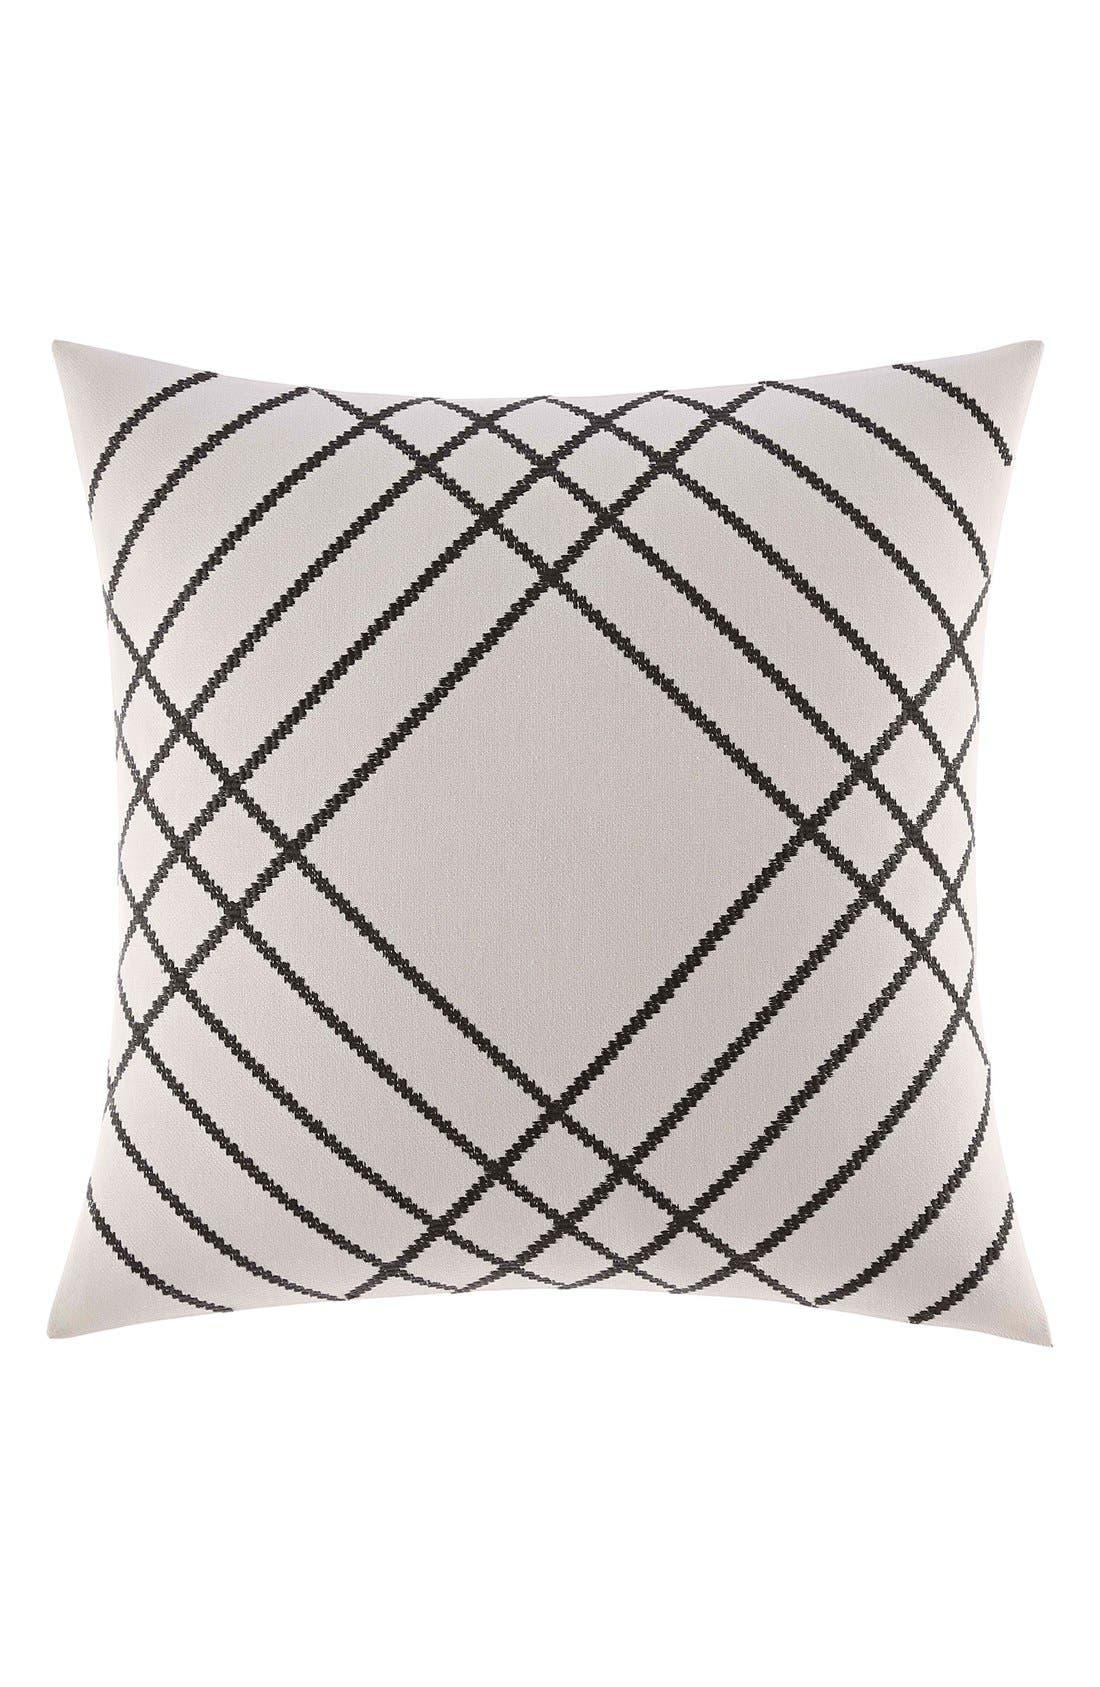 'Chatfield' Pillow,                             Main thumbnail 1, color,                             020